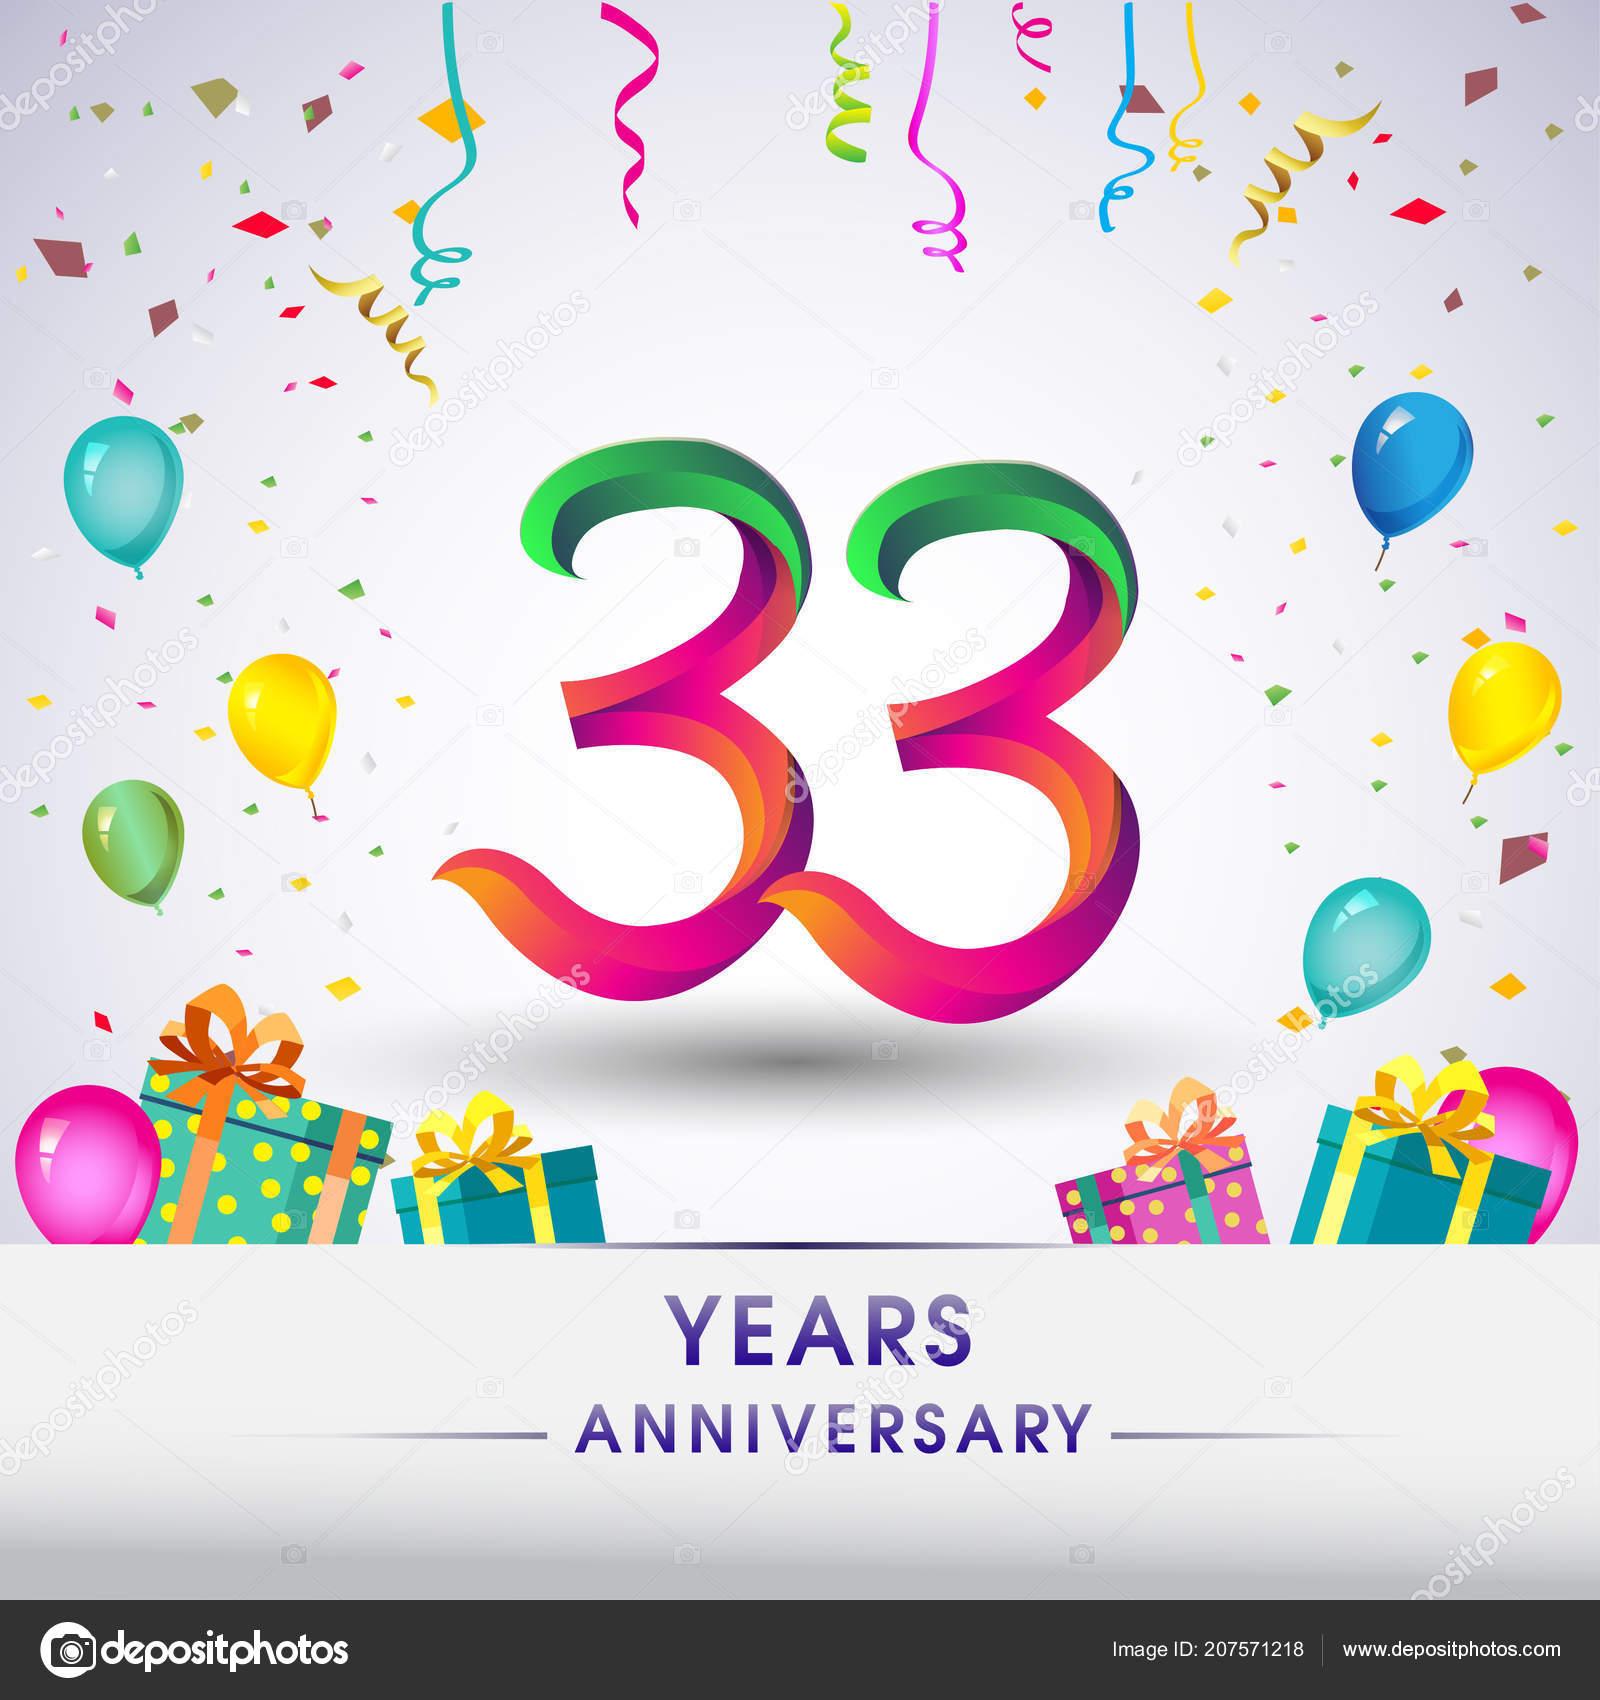 Anniversary Celebration Design Gift Box Balloons Confetti Colorful